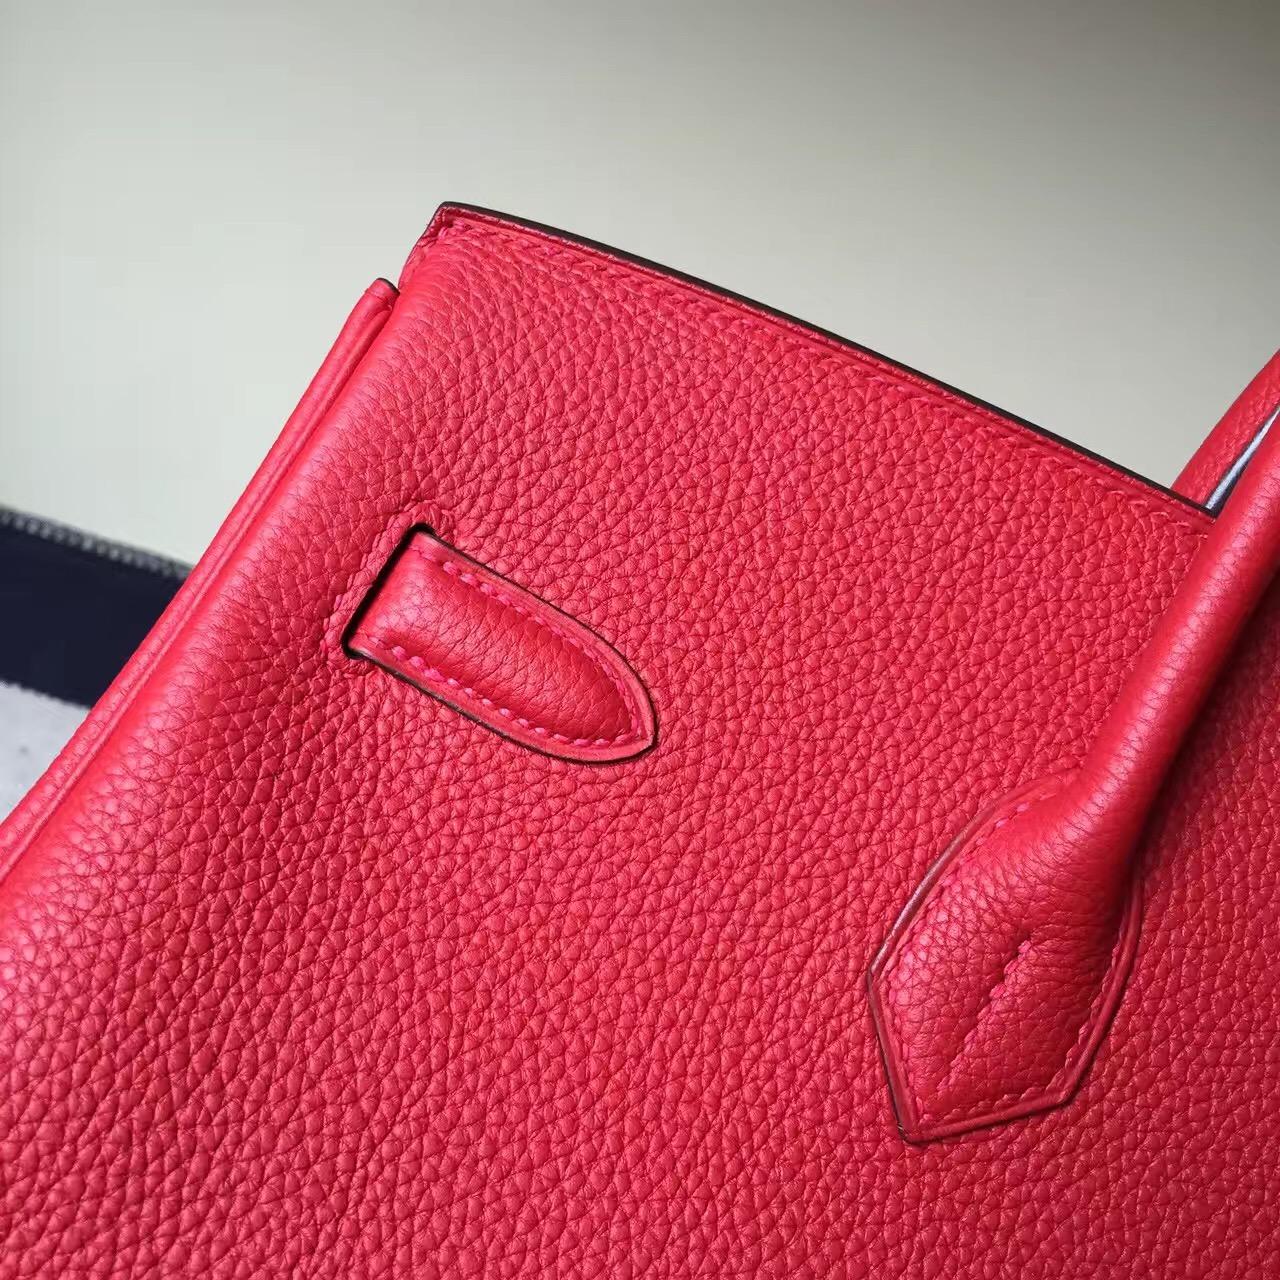 On Sale Hermes Q5 Rouge Casaque Togo Calf  Leather Birkin Bag 35cm